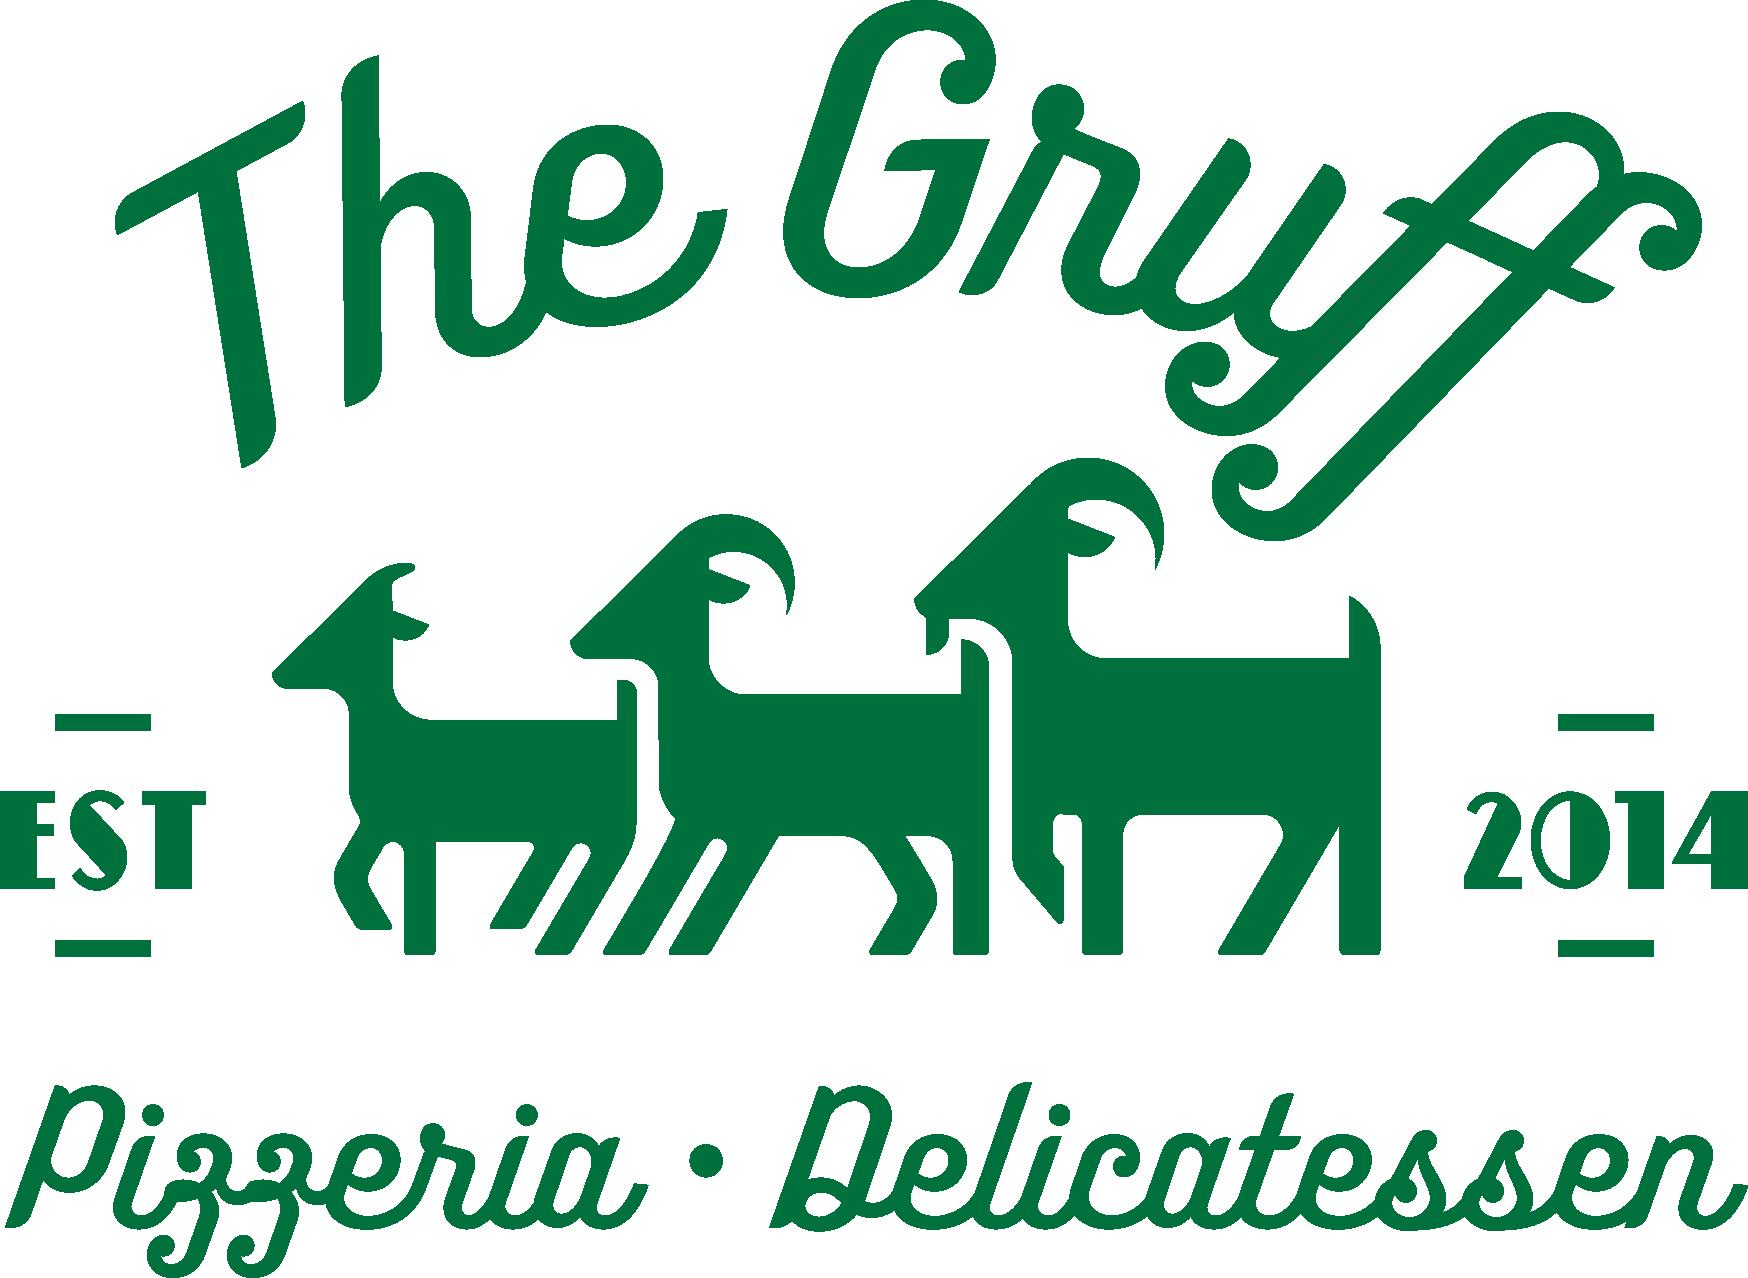 The Gruff_est 2014_Pizzeria_Delicatessen